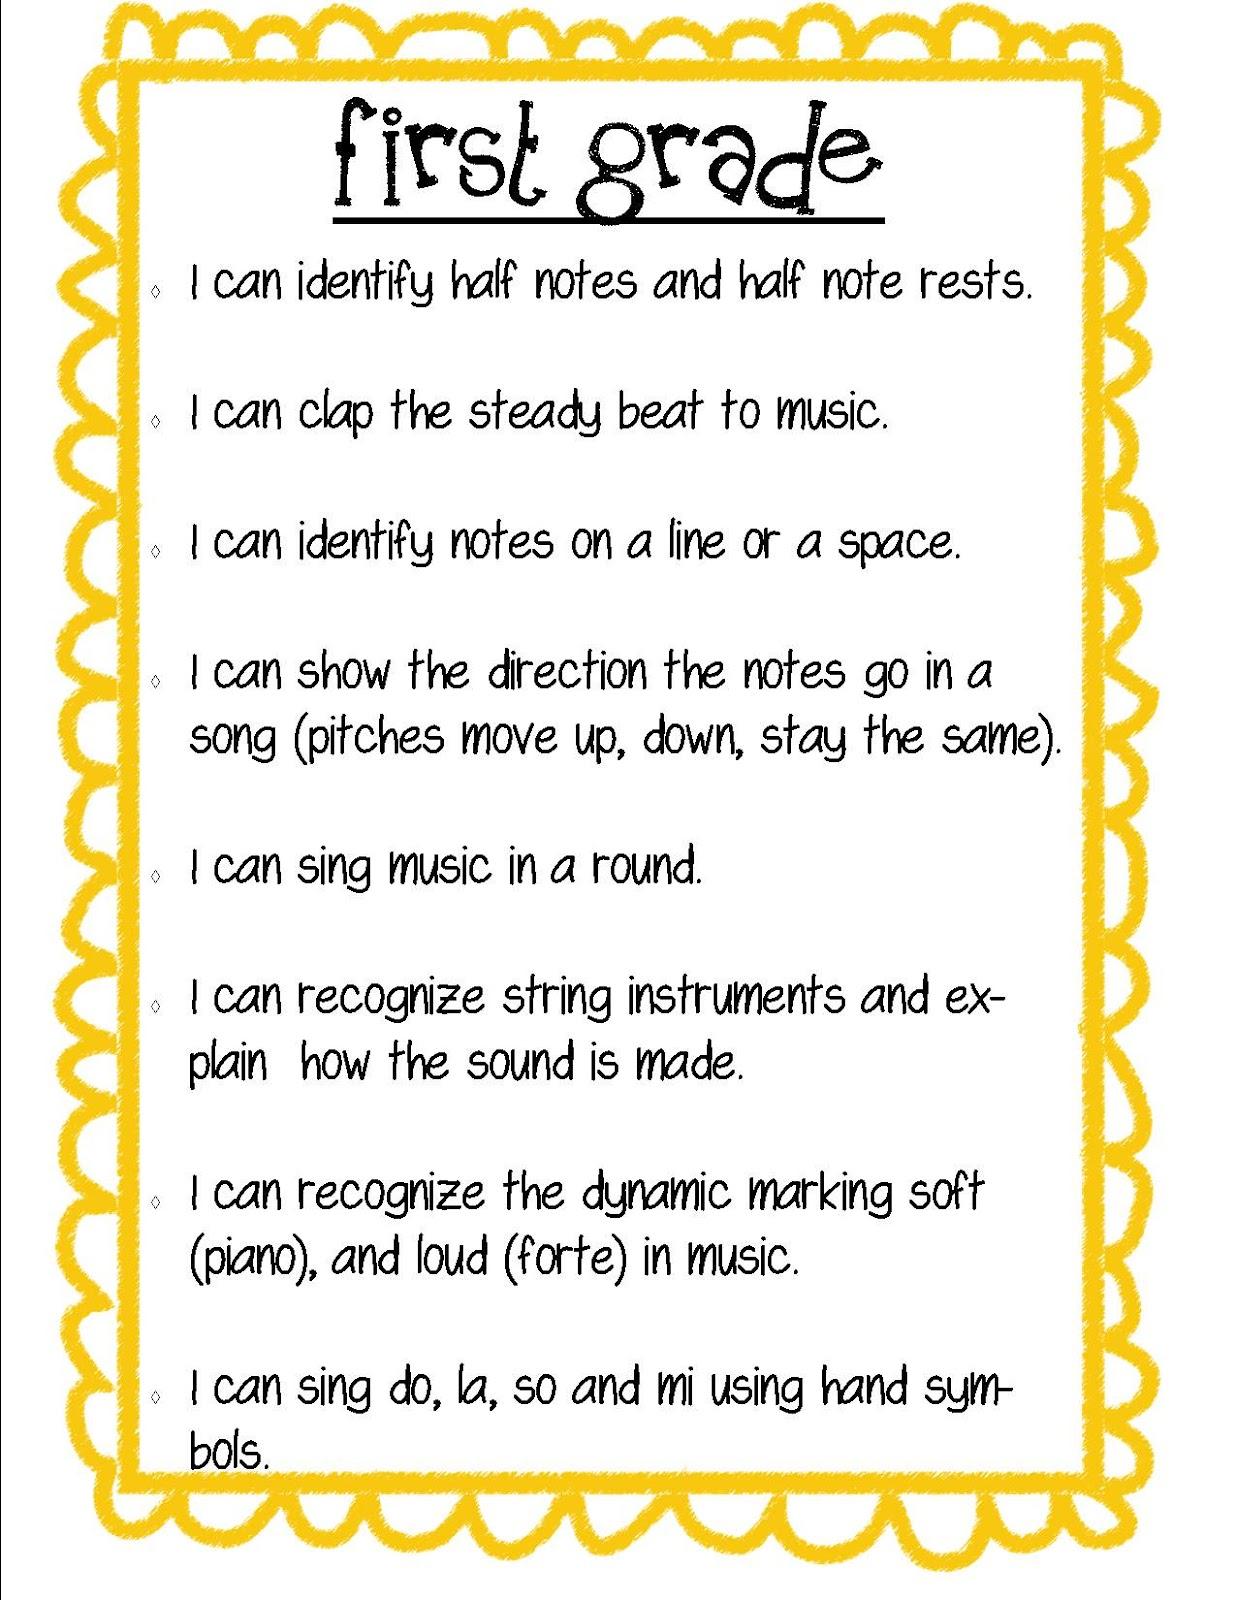 Worksheet Kindergarten Short Stories 1st grade short stories laptuoso for first laptuoso